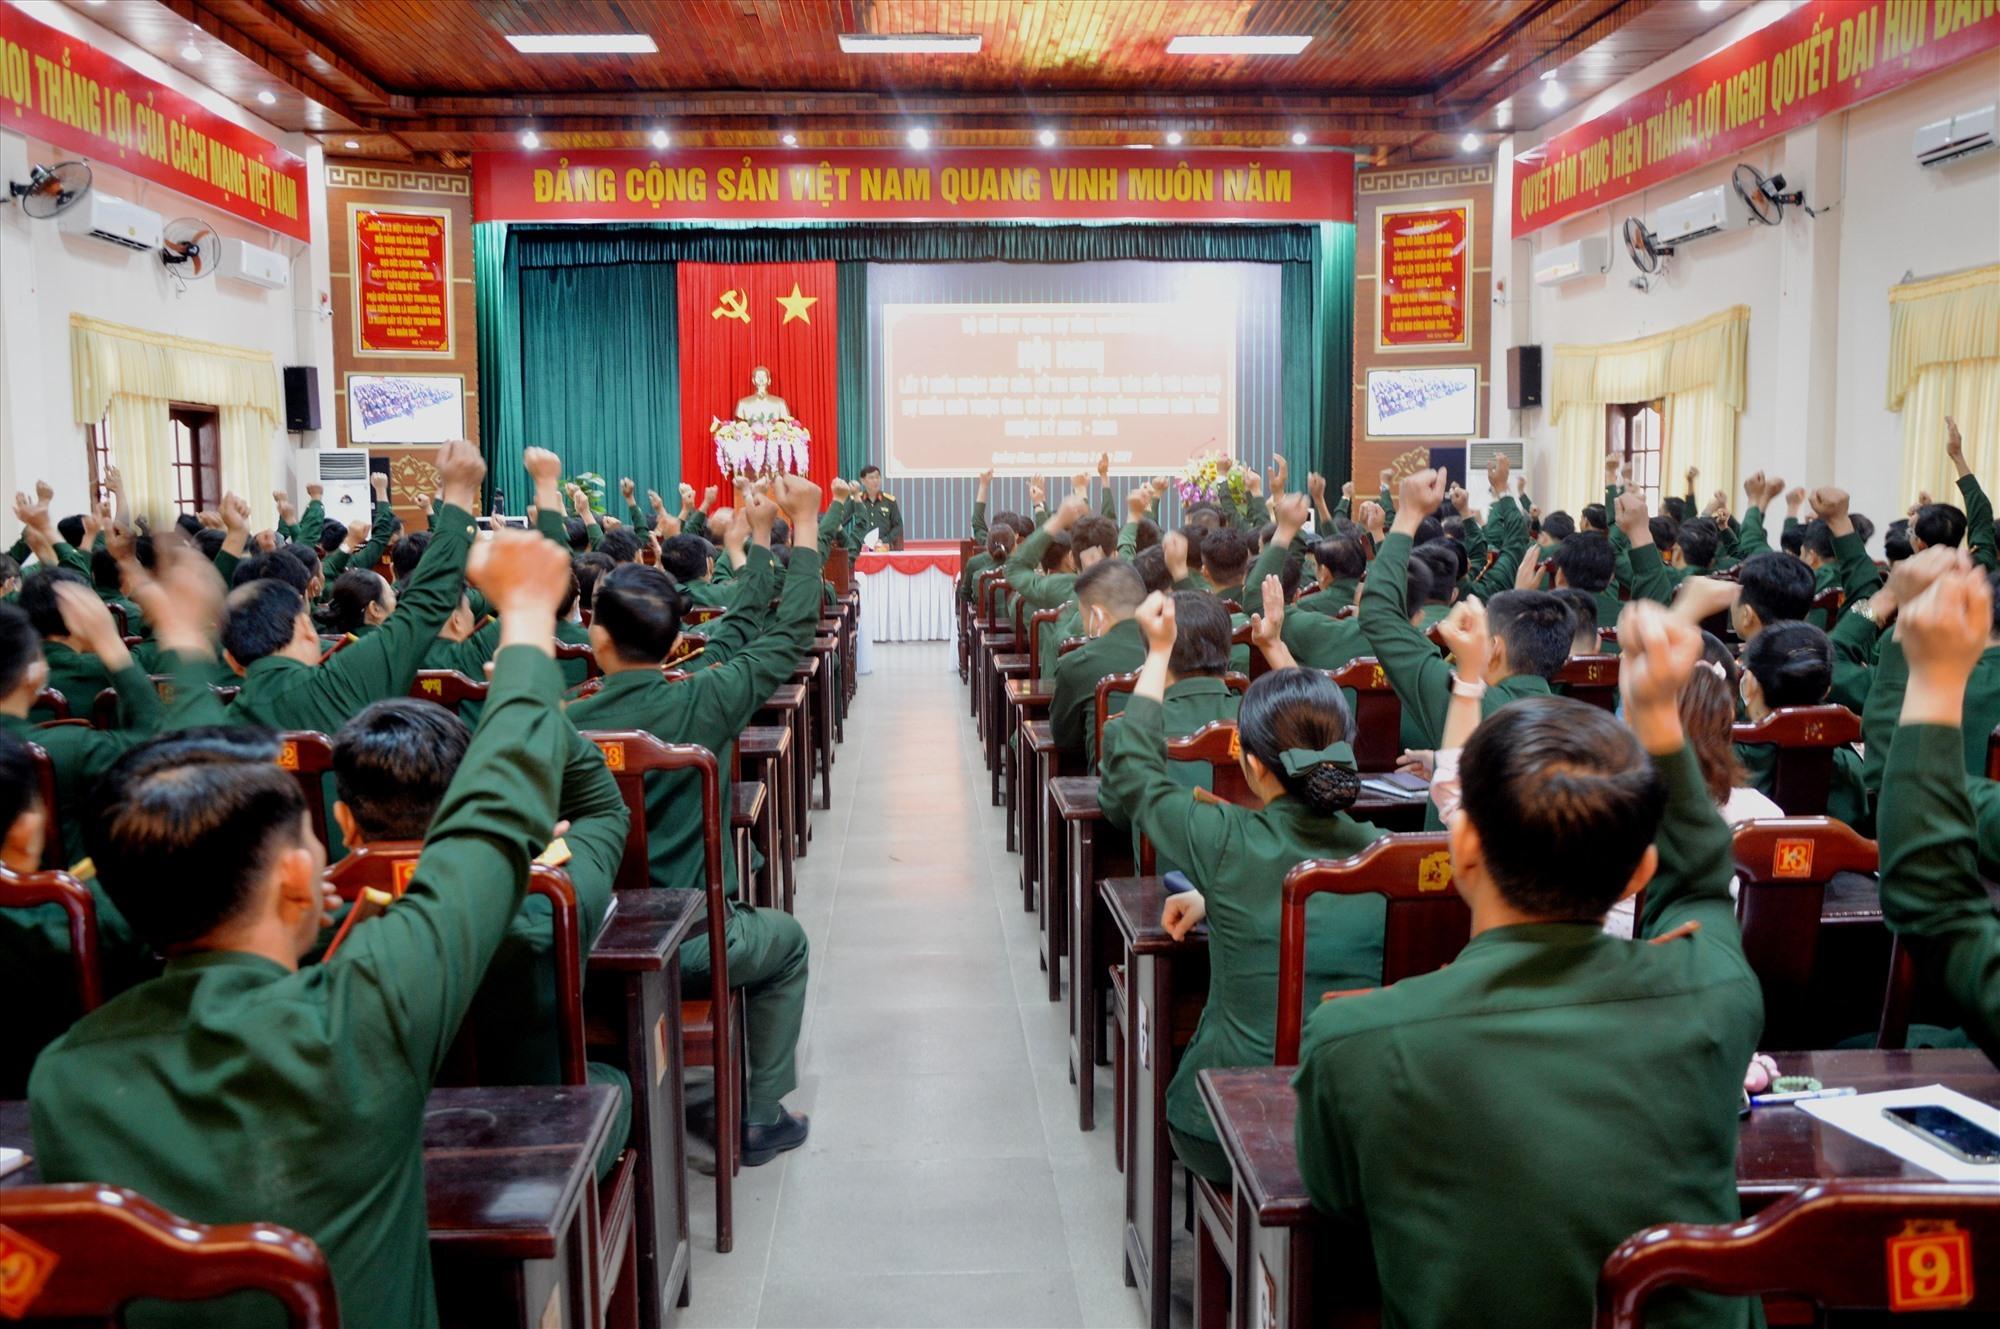 Hội nghị tiến hành biểu quyết giới thiệu người ứng cử đại biểu HĐND tỉnh, nhiệm kỳ 2021-2026.